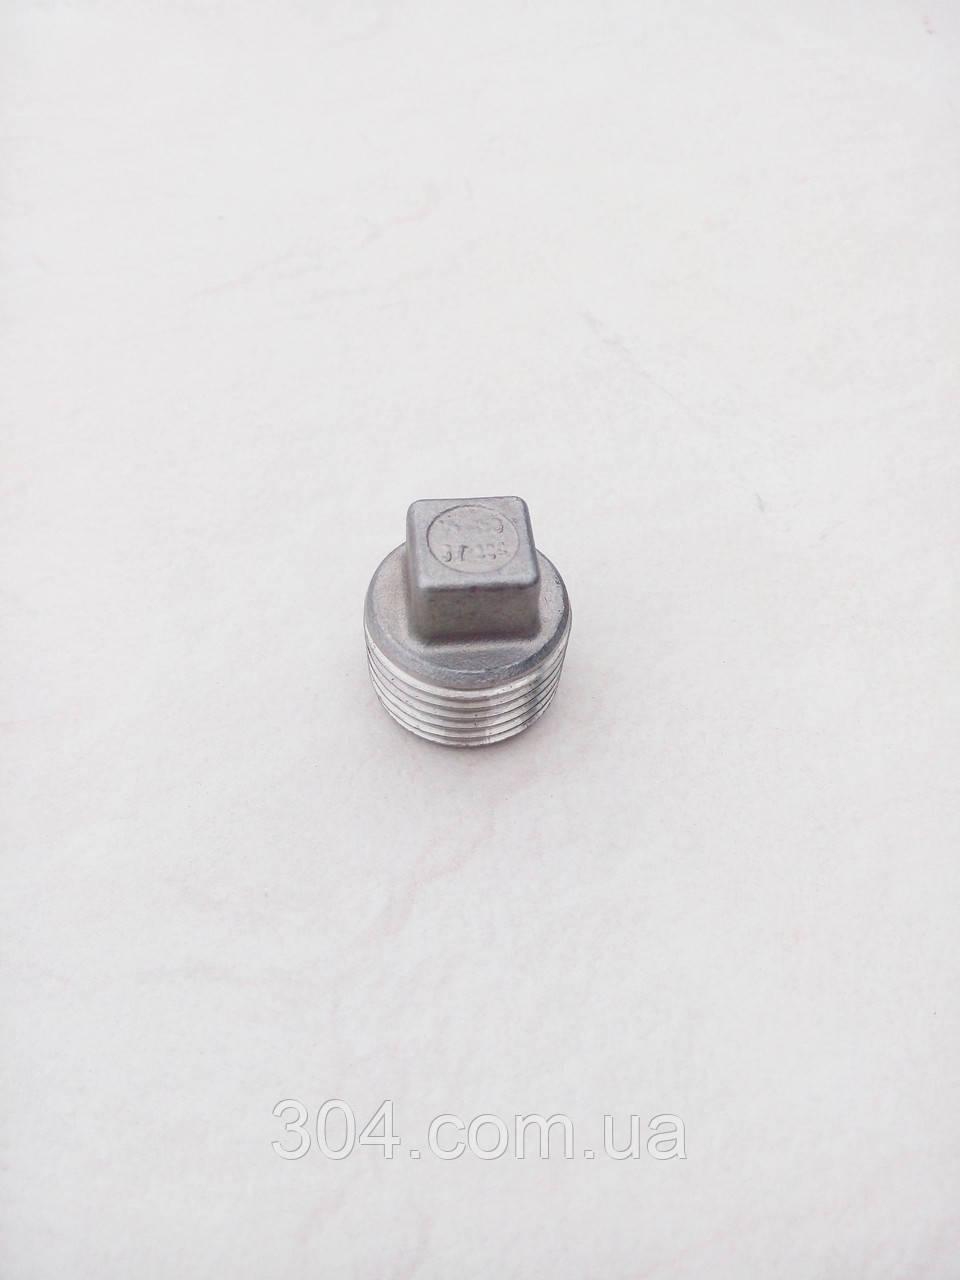 Заглушка нержавеющая Ду 40(1 1/2 дюйма), AISI 304